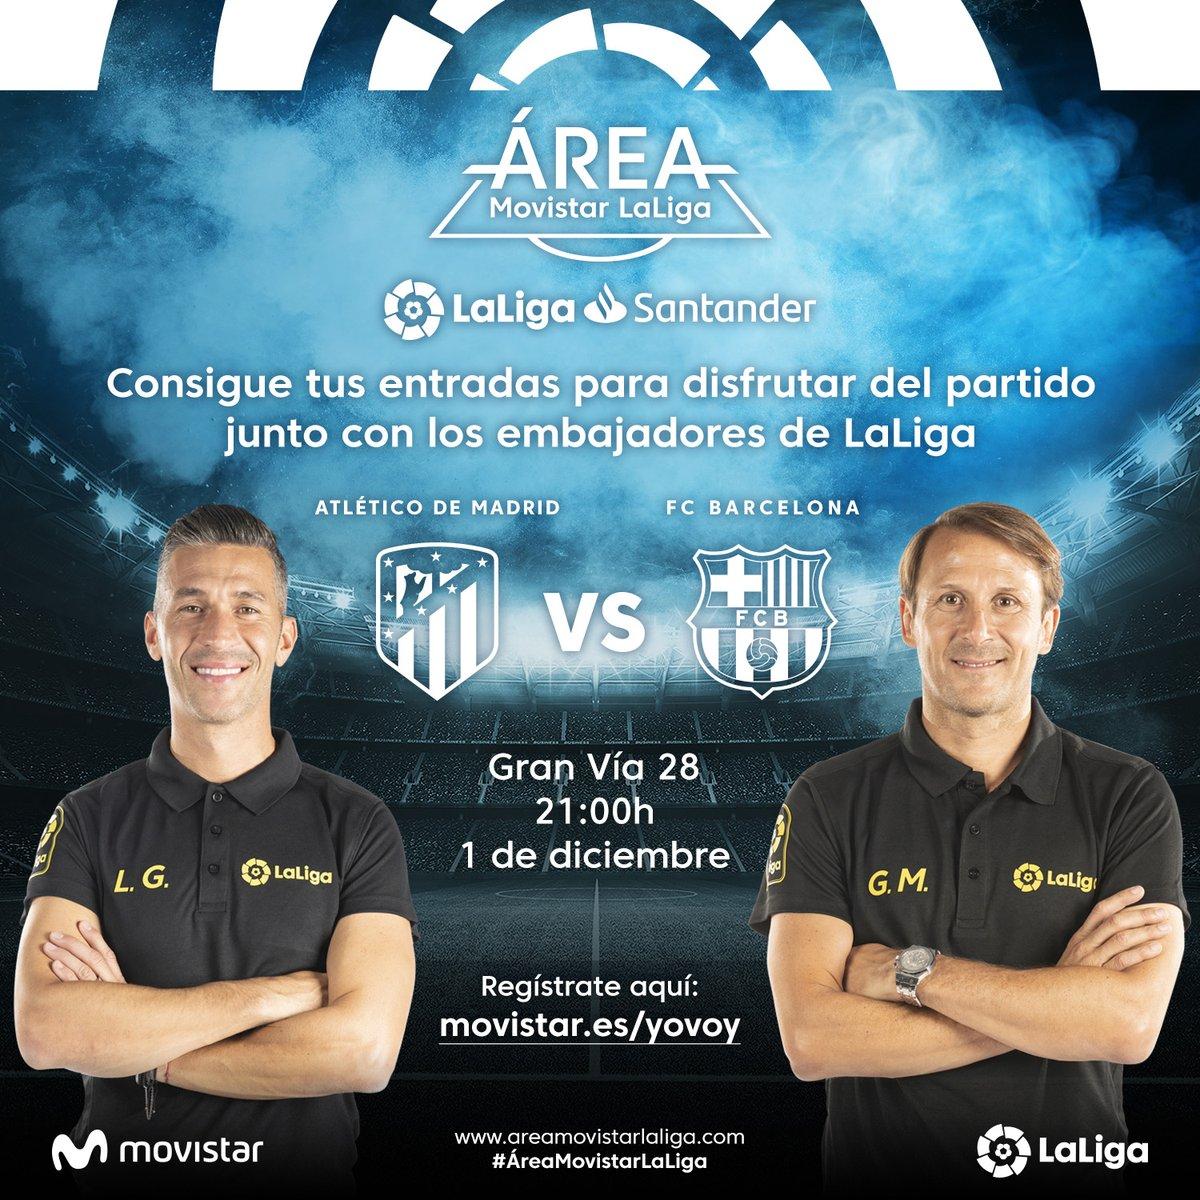 ⚽ ¡Vive el partido entre @Atleti y @FCBarcelona con un visionado especial en el #ÁreaMovistarLaLiga! 👉 Consigue tu entrada: movistar.es/particulares/a…